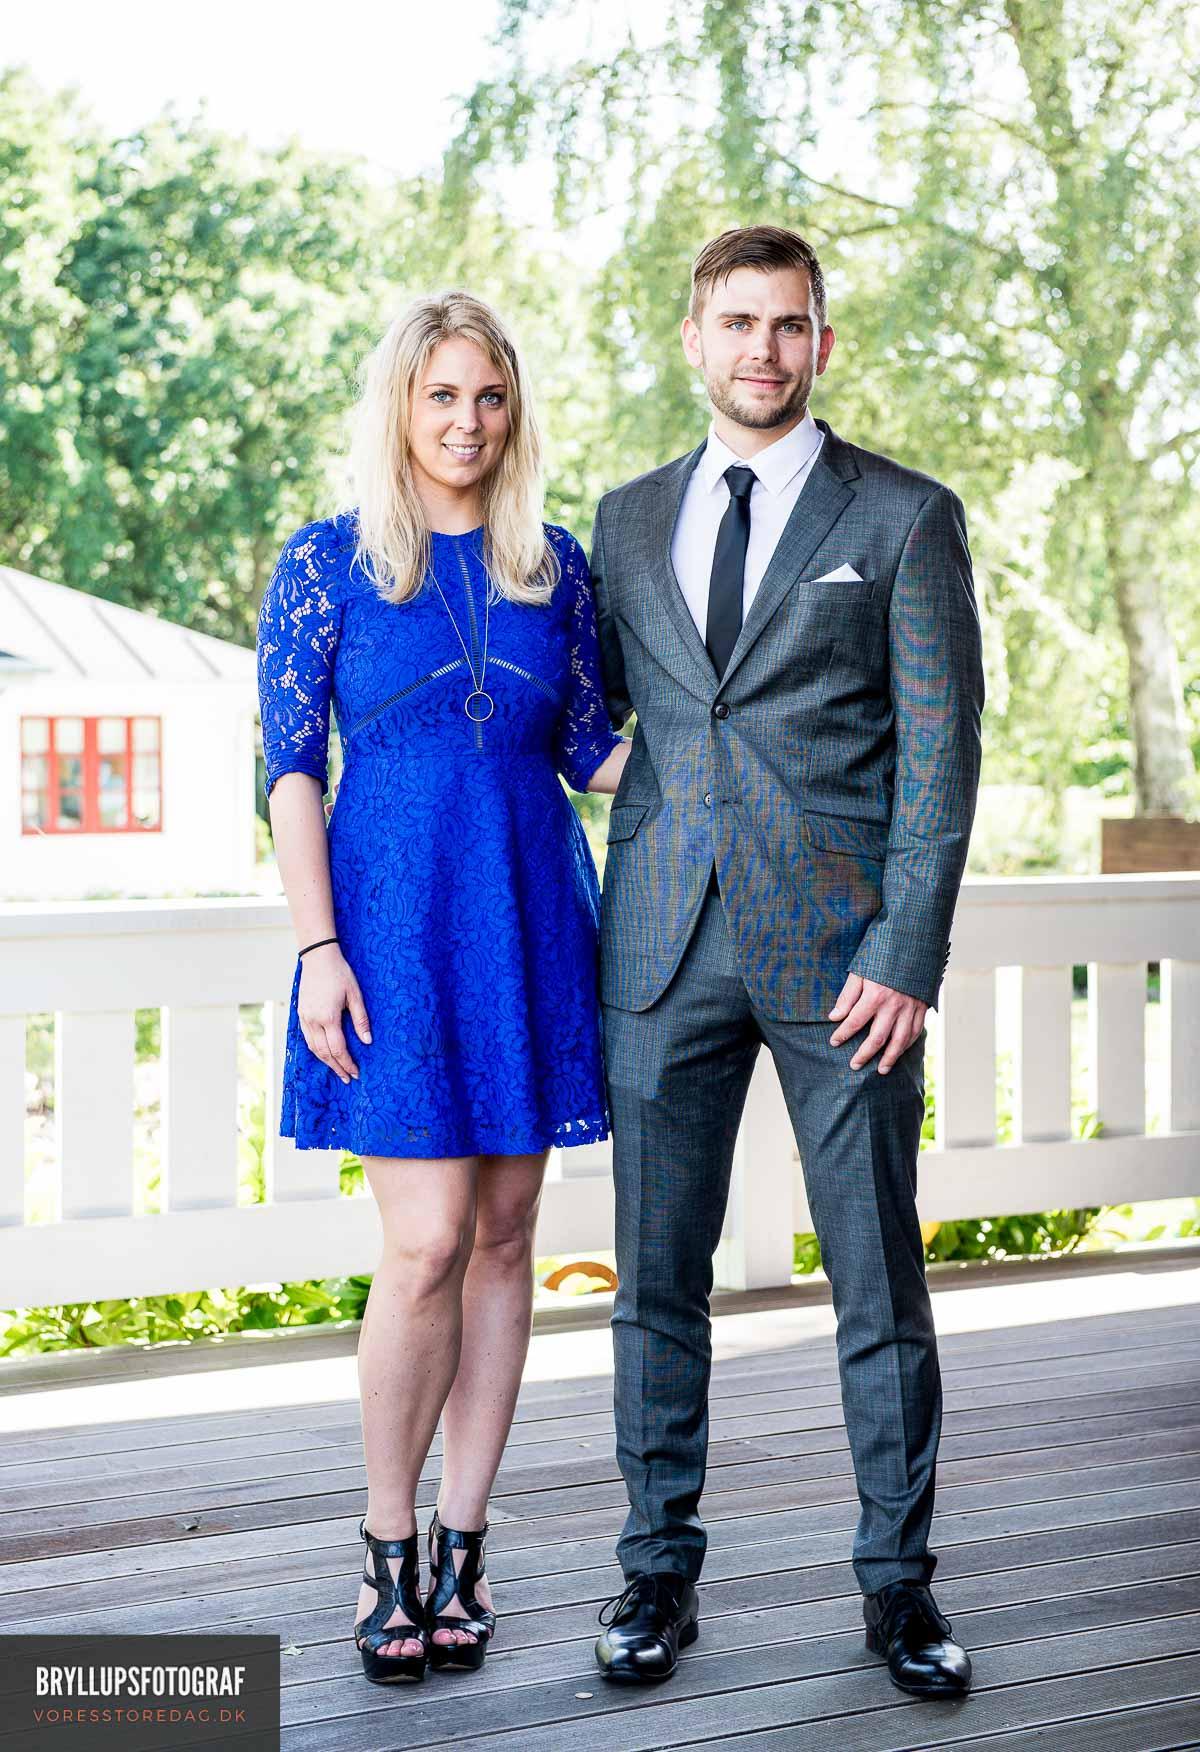 gæstefotos bryllup kolding